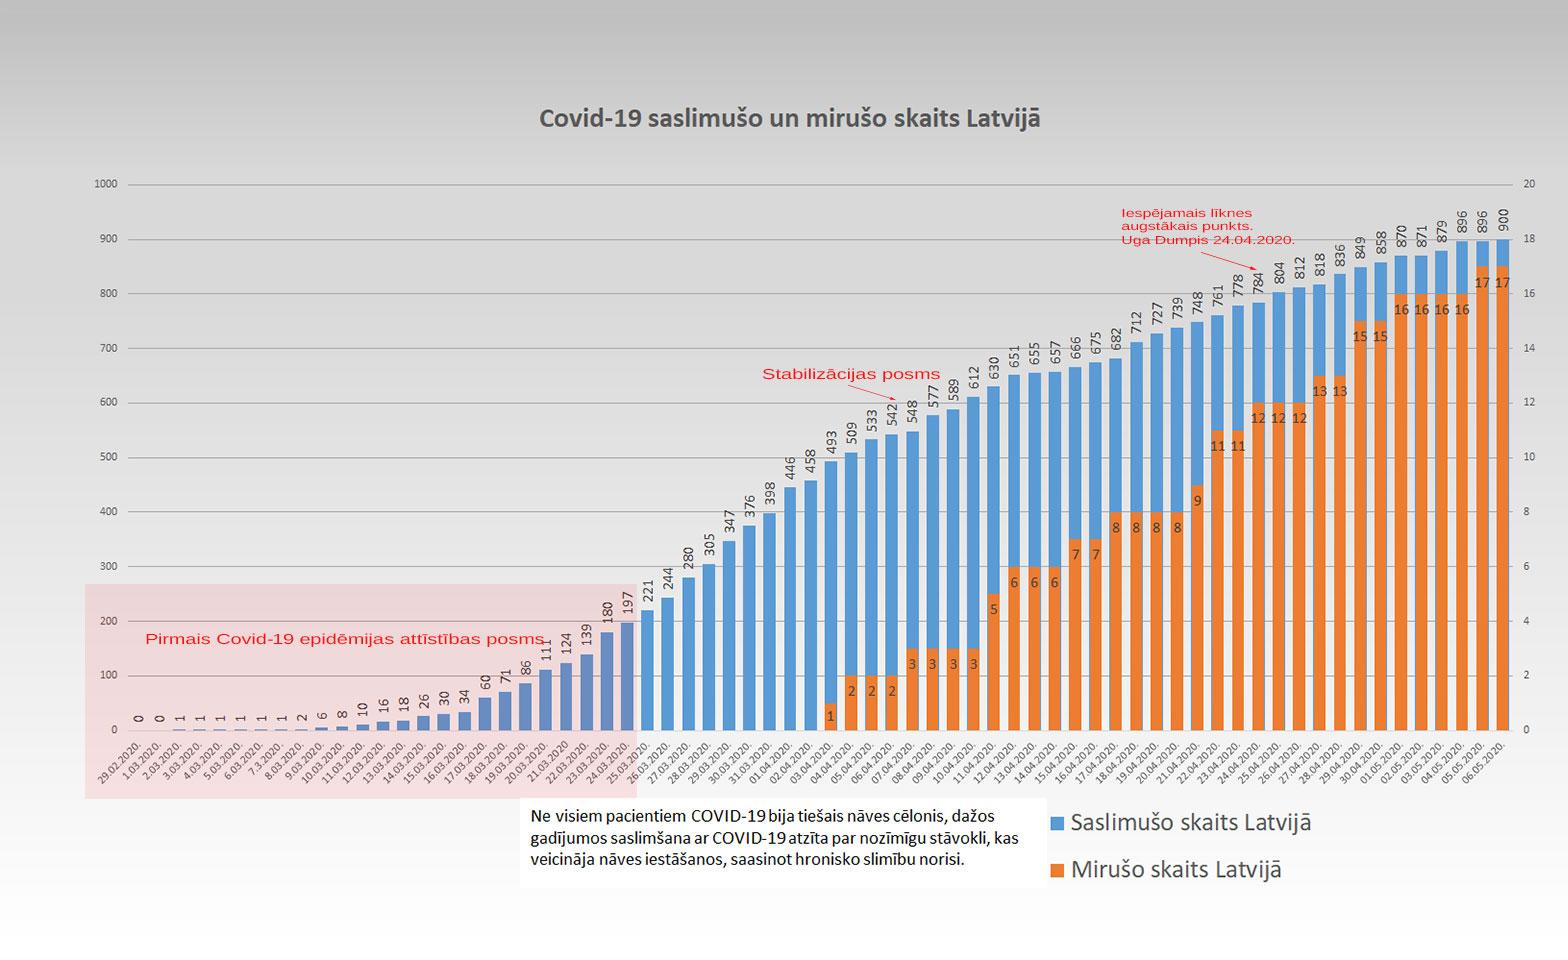 Koronavīrusa saslimušo skaits Latvijā 6.05.2020.